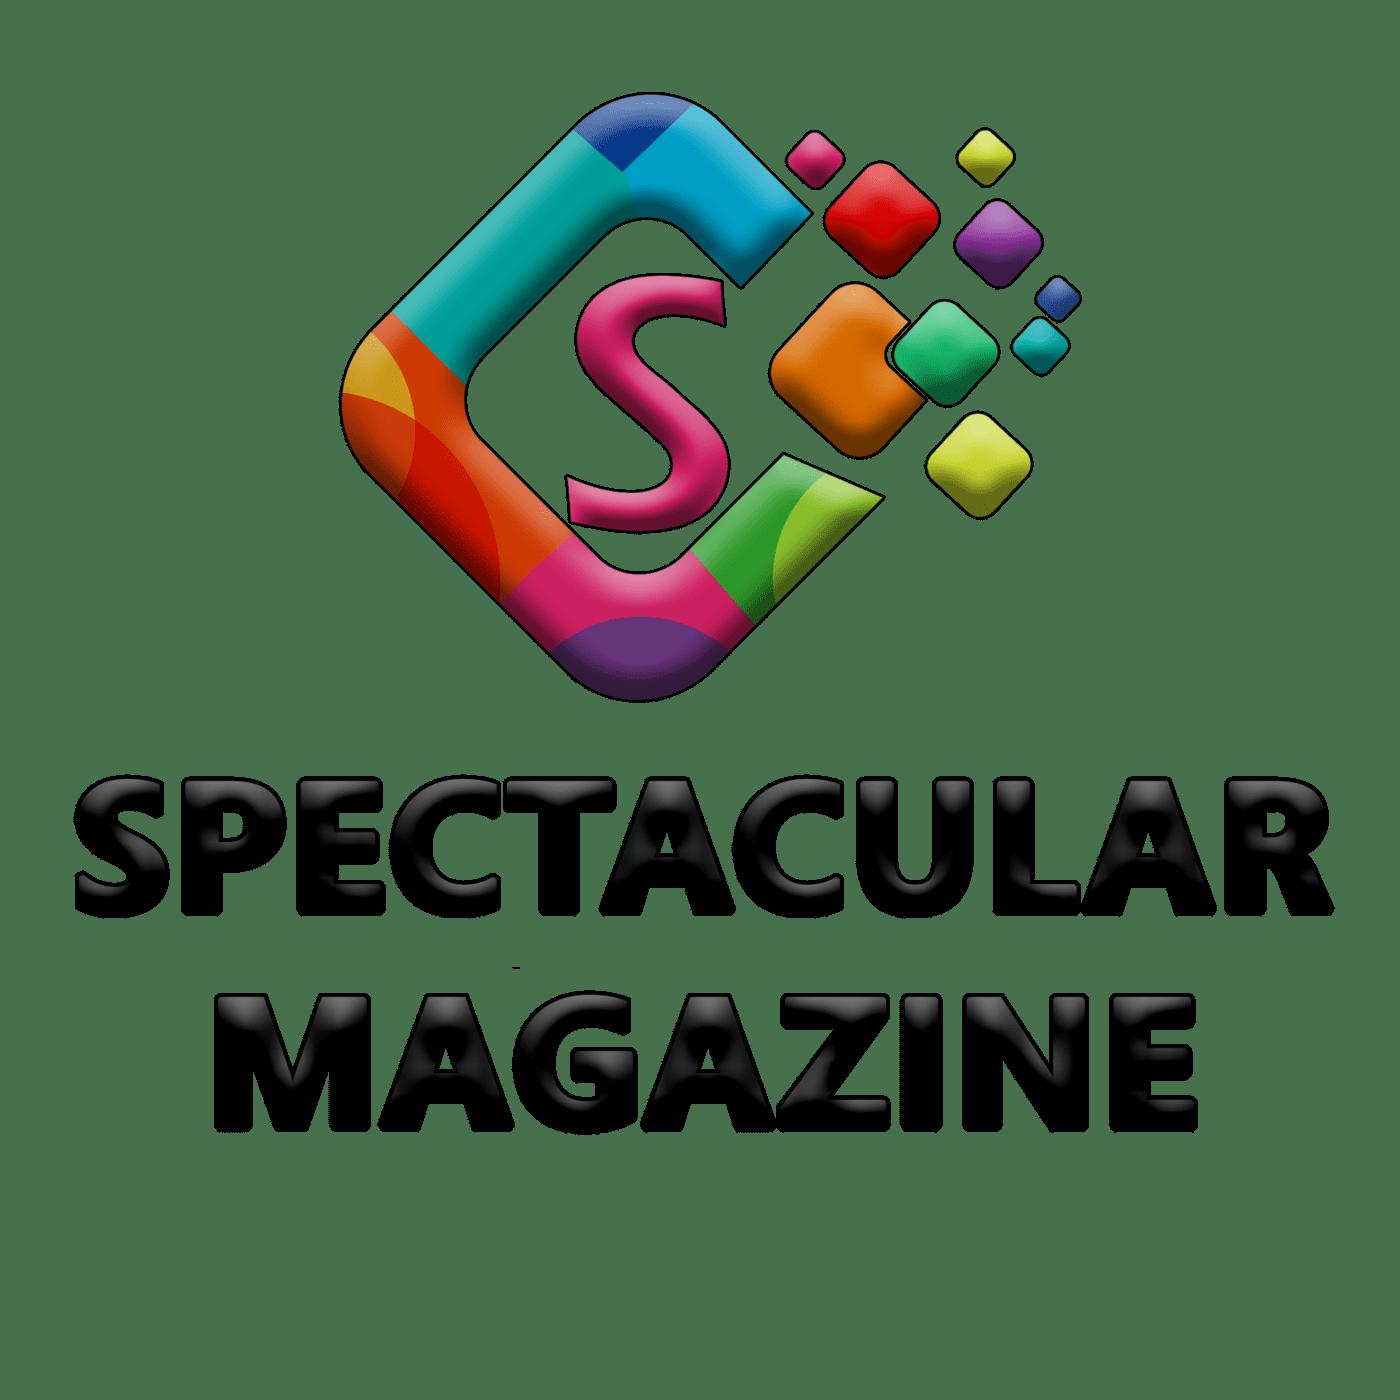 Spectacular Magazine Logo Aug 2021